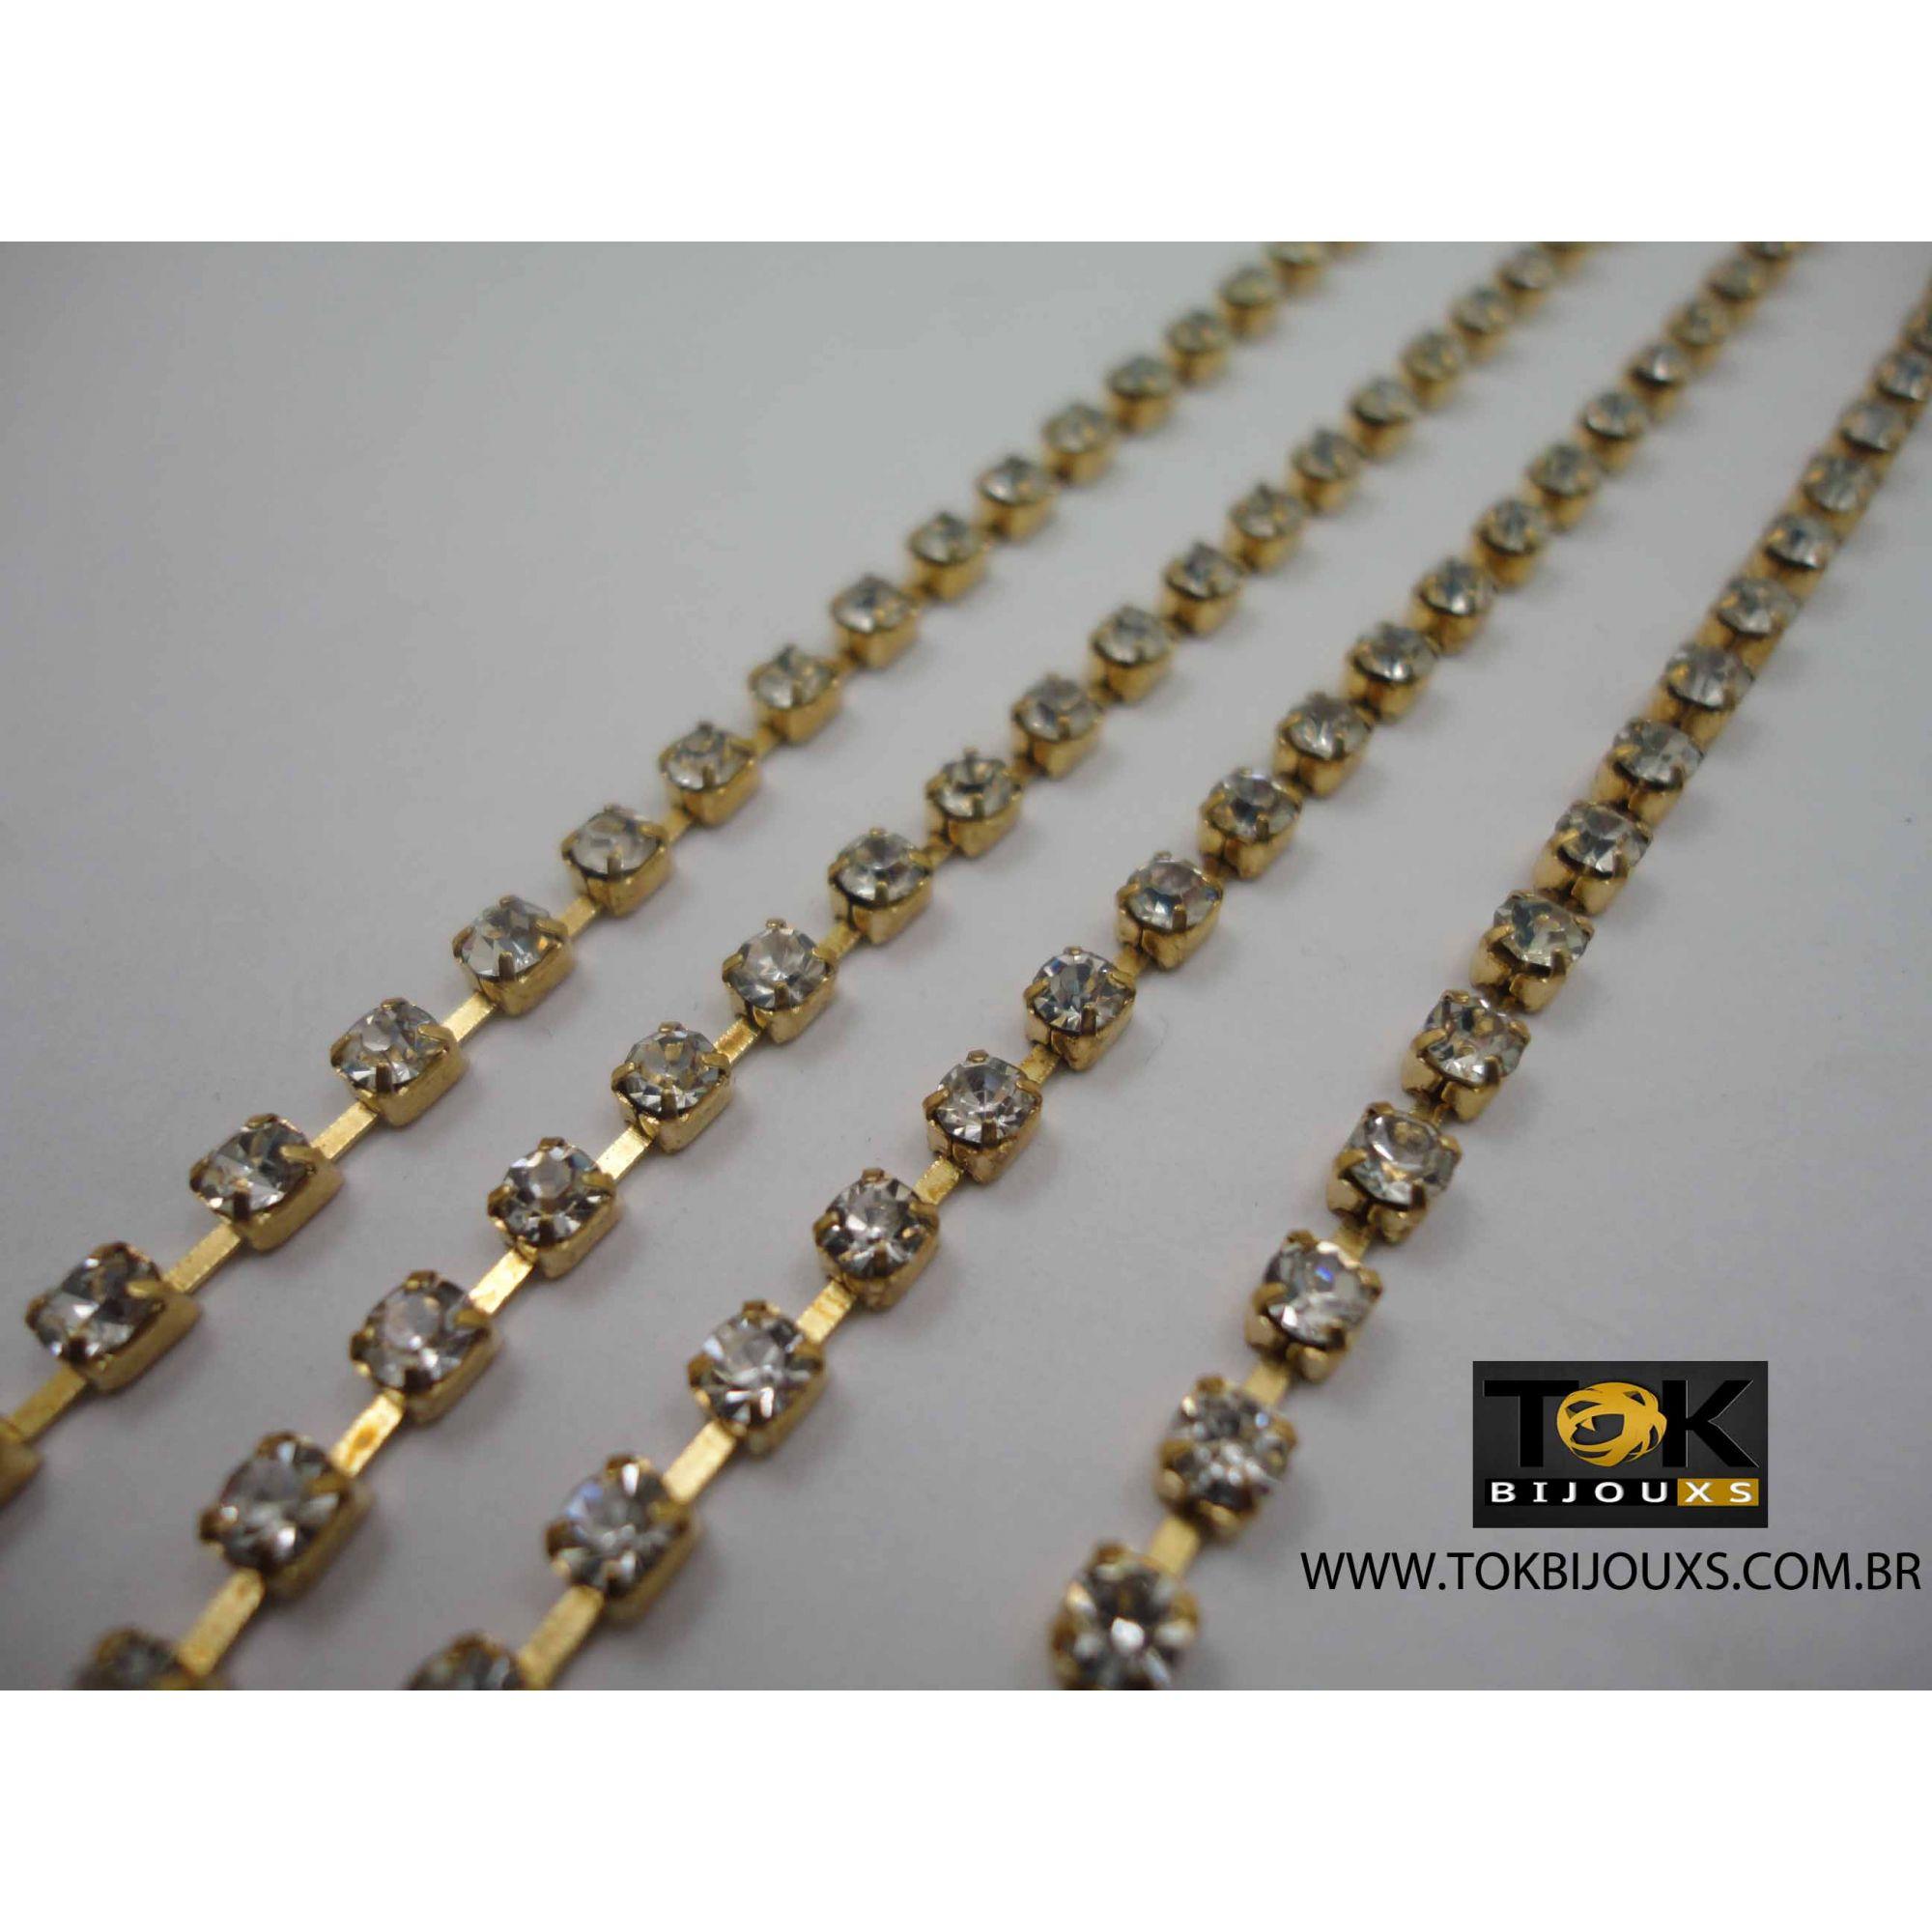 Atacado - Corrente De Strass - SS12 - Dourado - Crystal - Rolo Fechado